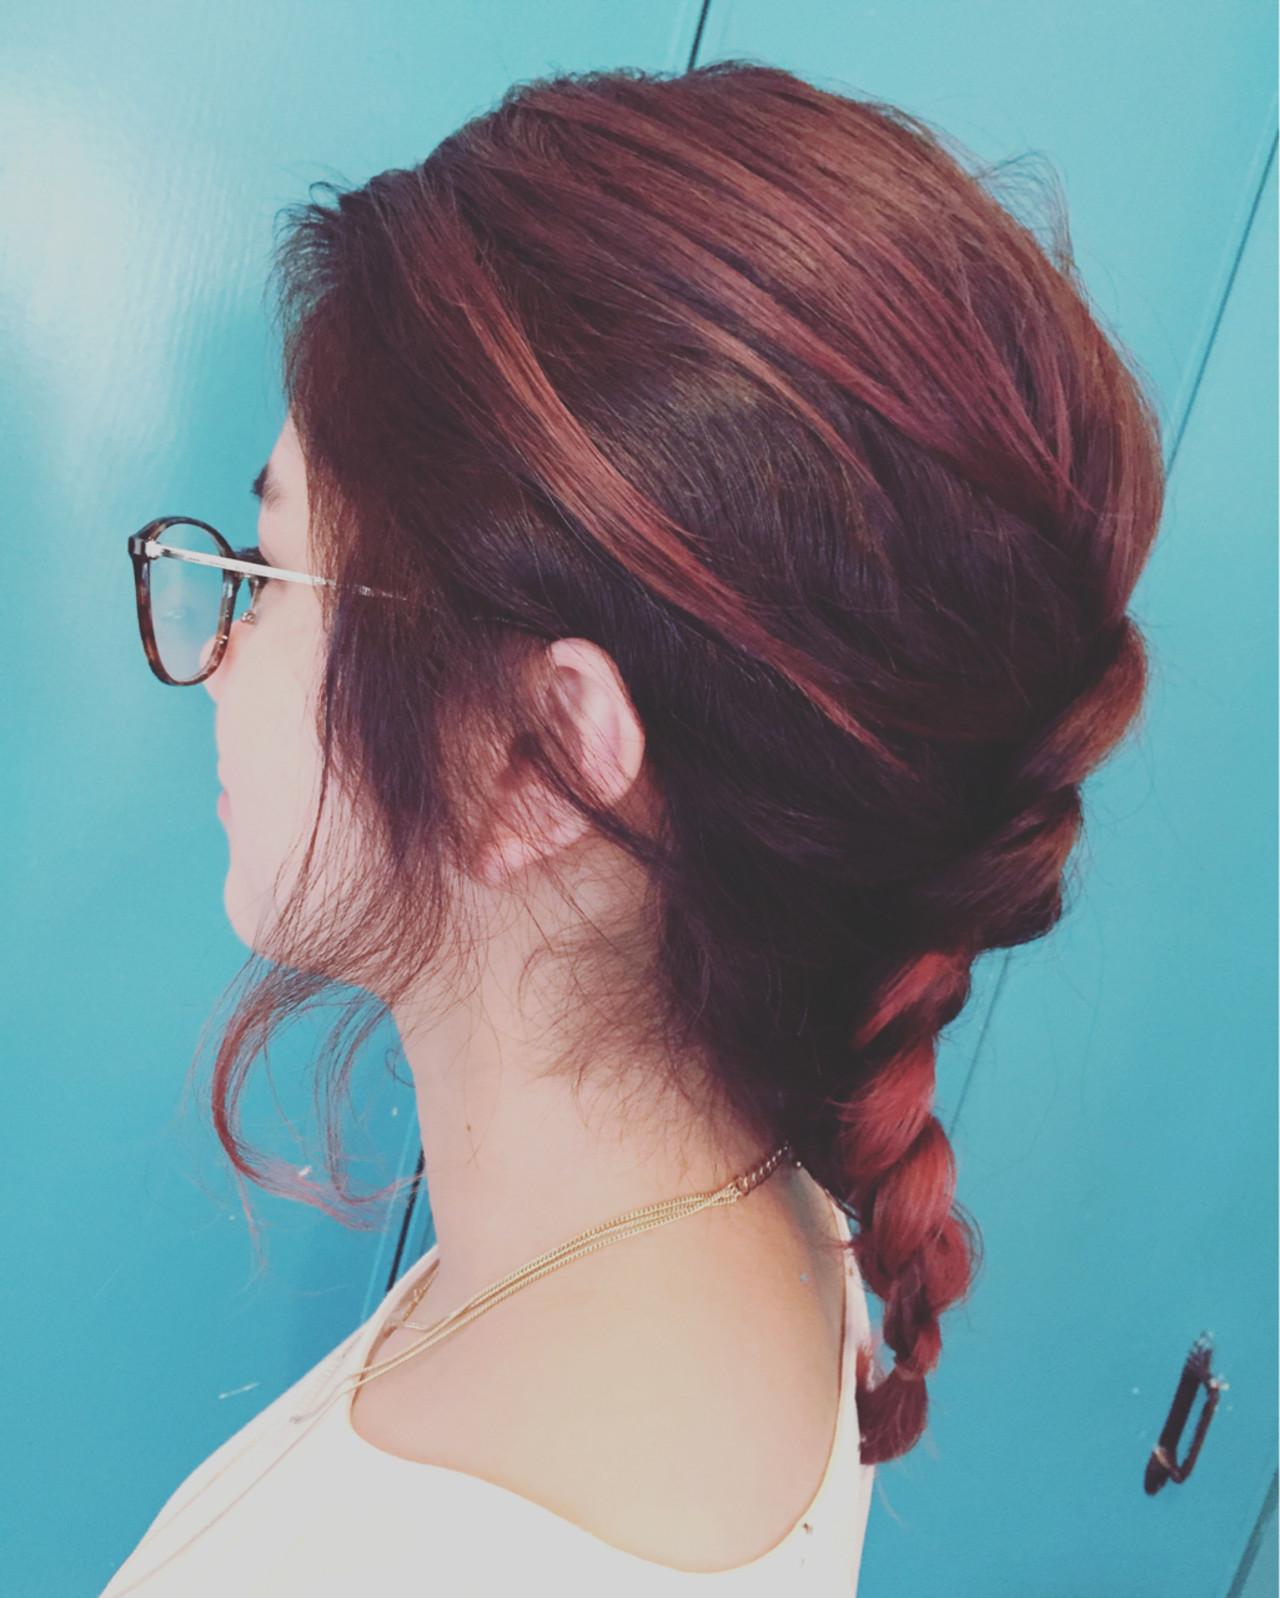 グラデーションカラー ハイライト ミディアム ピンク ヘアスタイルや髪型の写真・画像